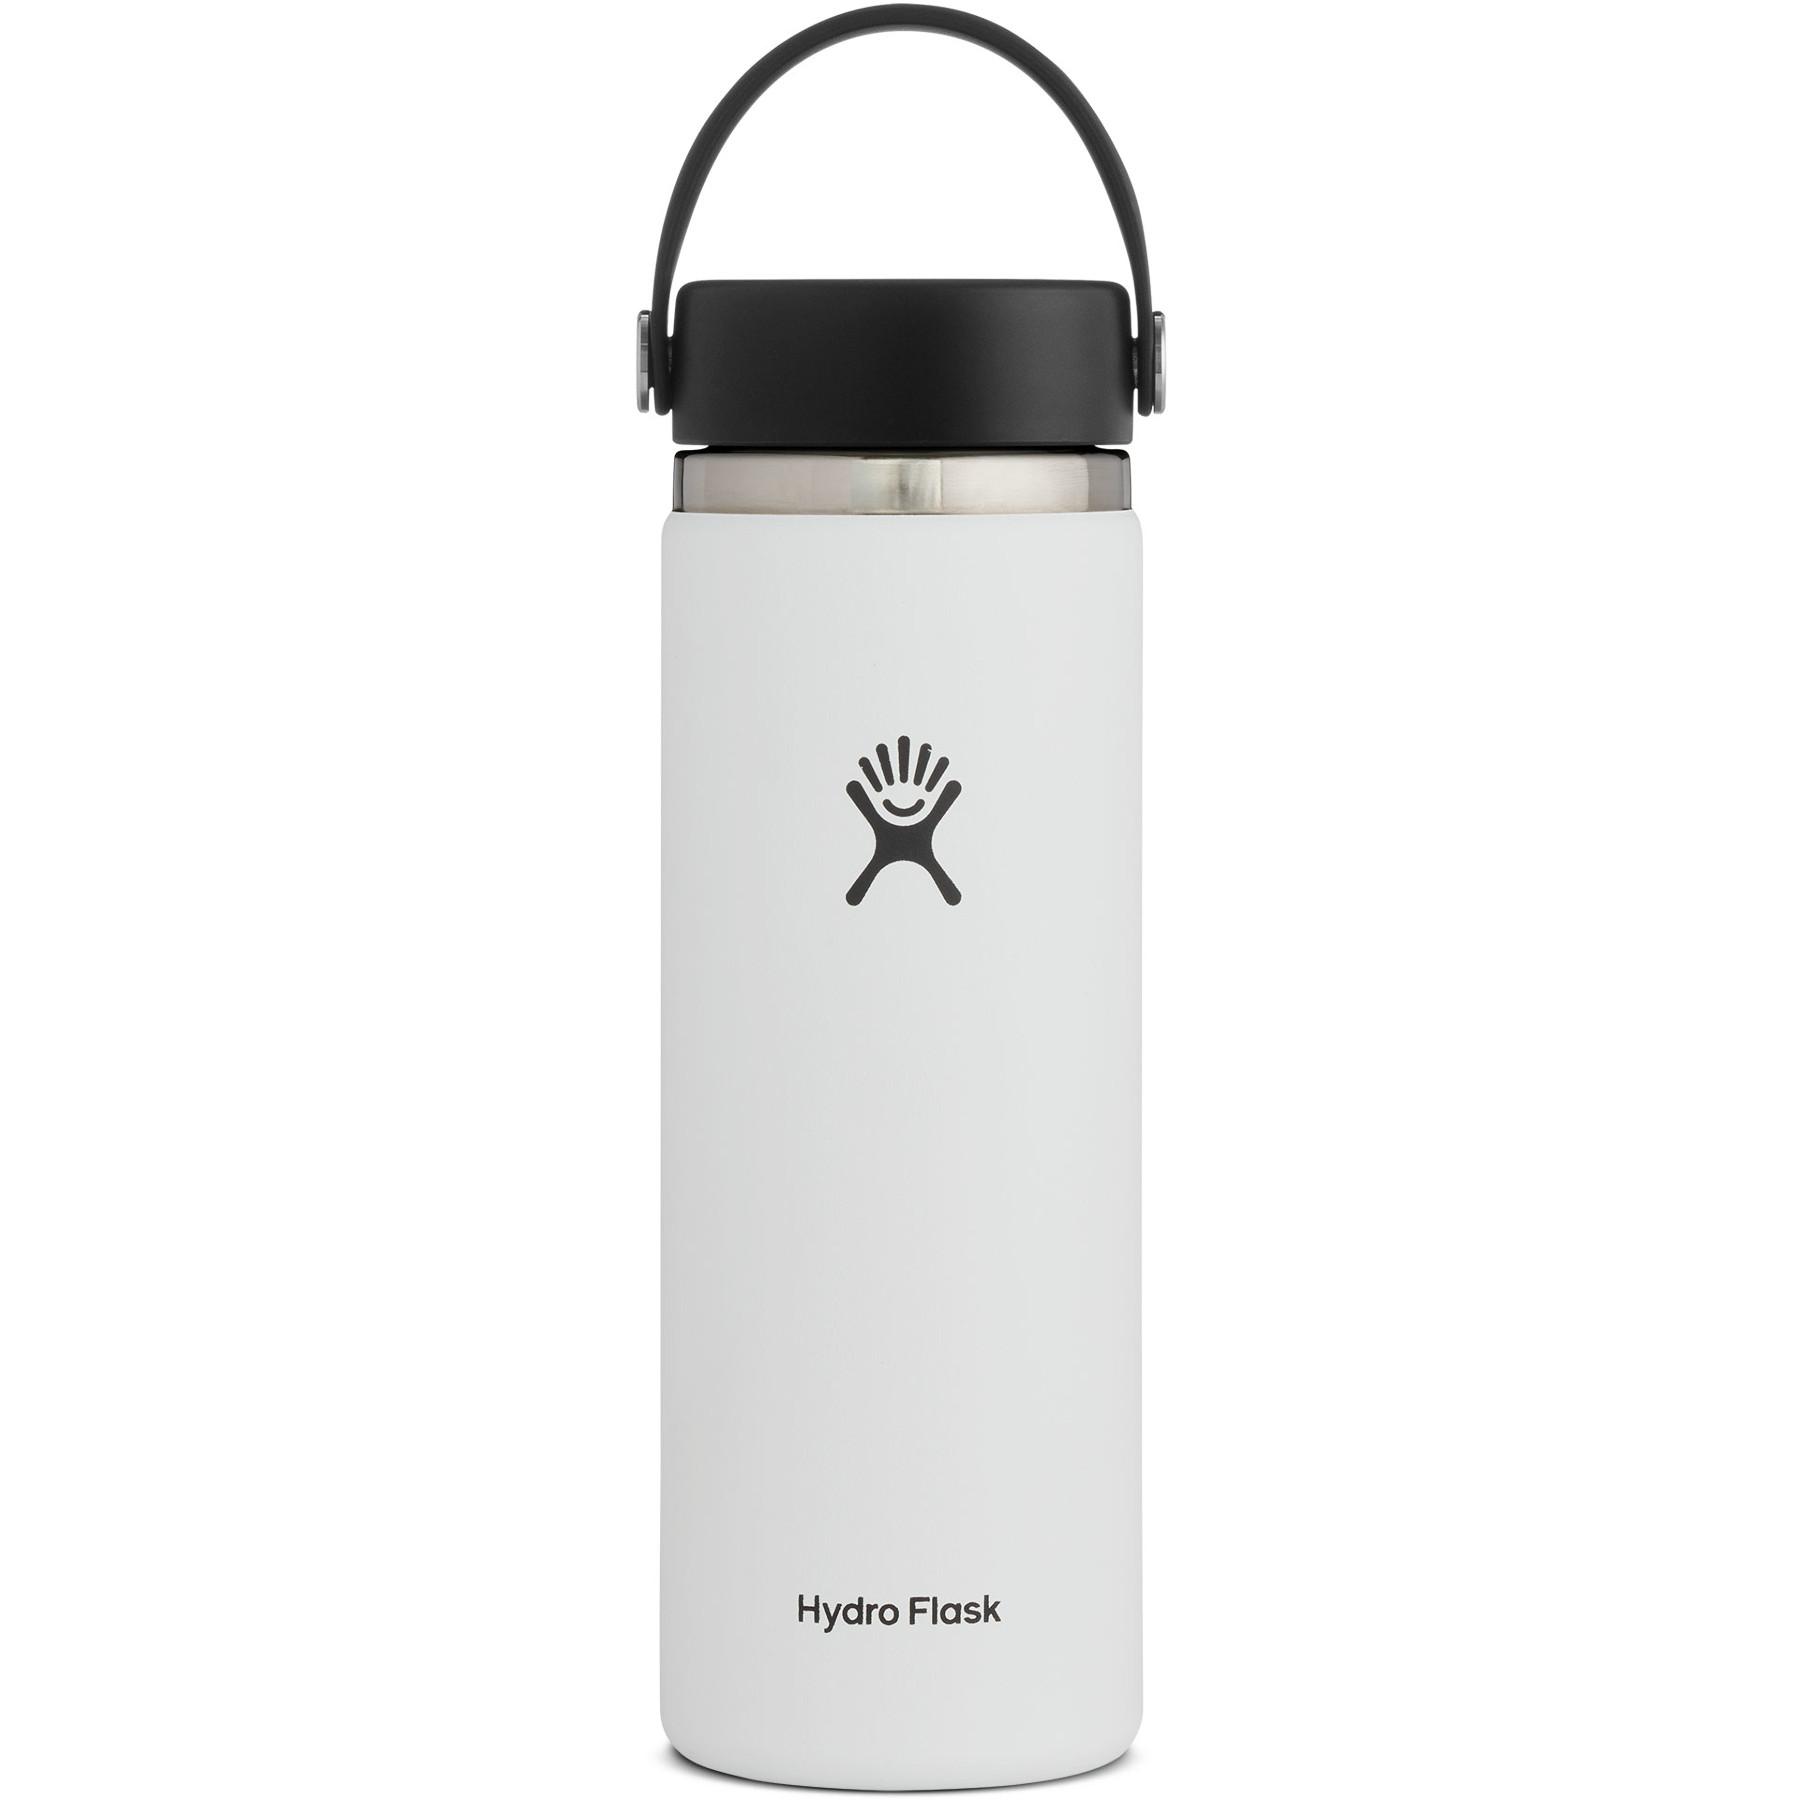 Produktbild von Hydro Flask 20oz Wide Mouth Flex Cap Thermoflasche 591ml - White